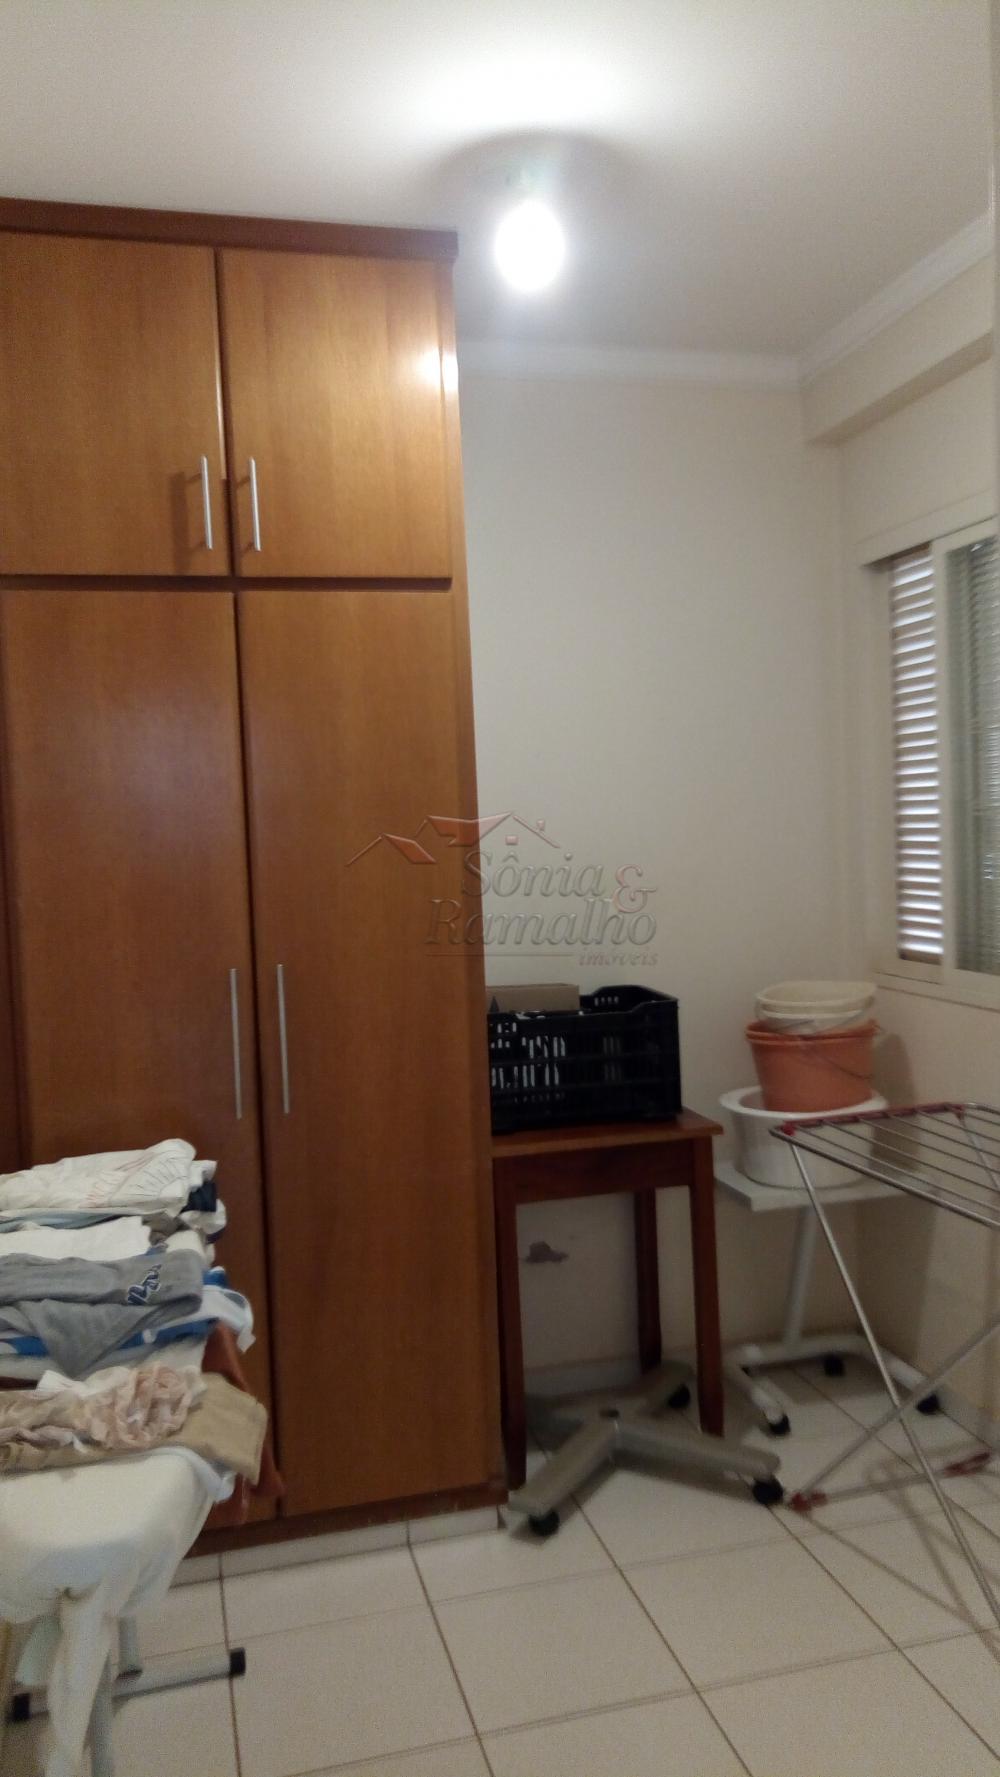 Alugar Casas / Sobrado em Ribeirão Preto apenas R$ 3.800,00 - Foto 14